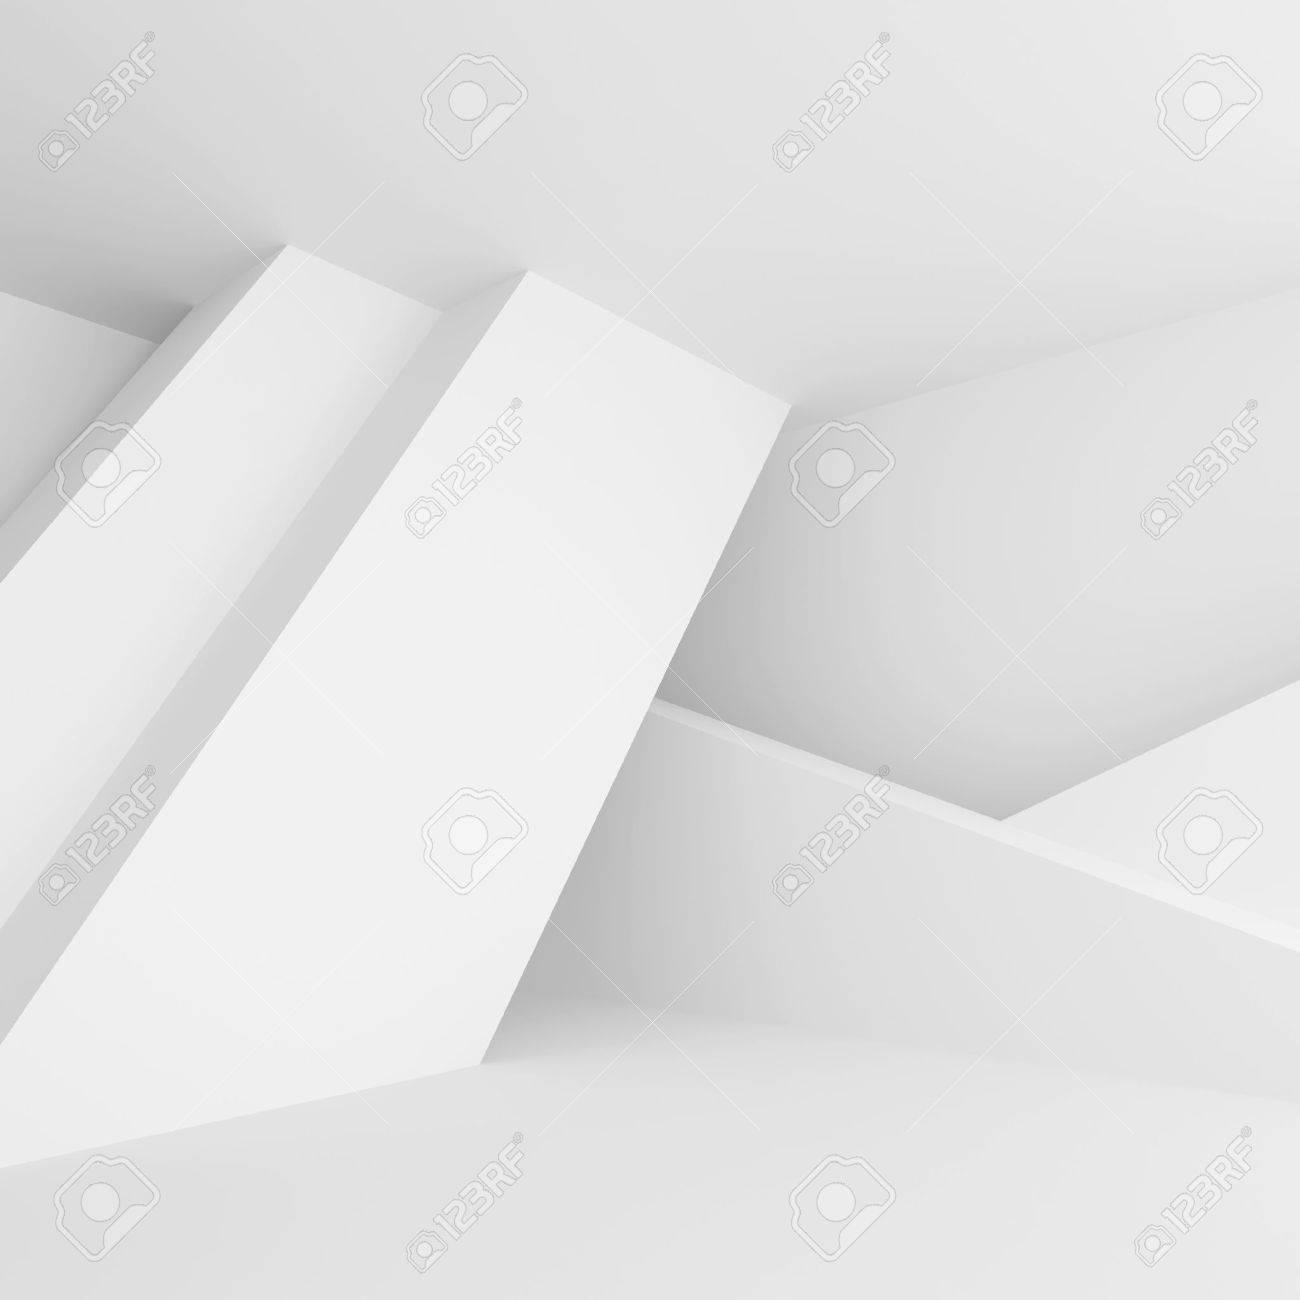 Abstrait Arriere Plan Blanc Minimal Interior Design 3d Illustration De La Construction Du Batiment Moderne Banque D Images Et Photos Libres De Droits Image 69065124